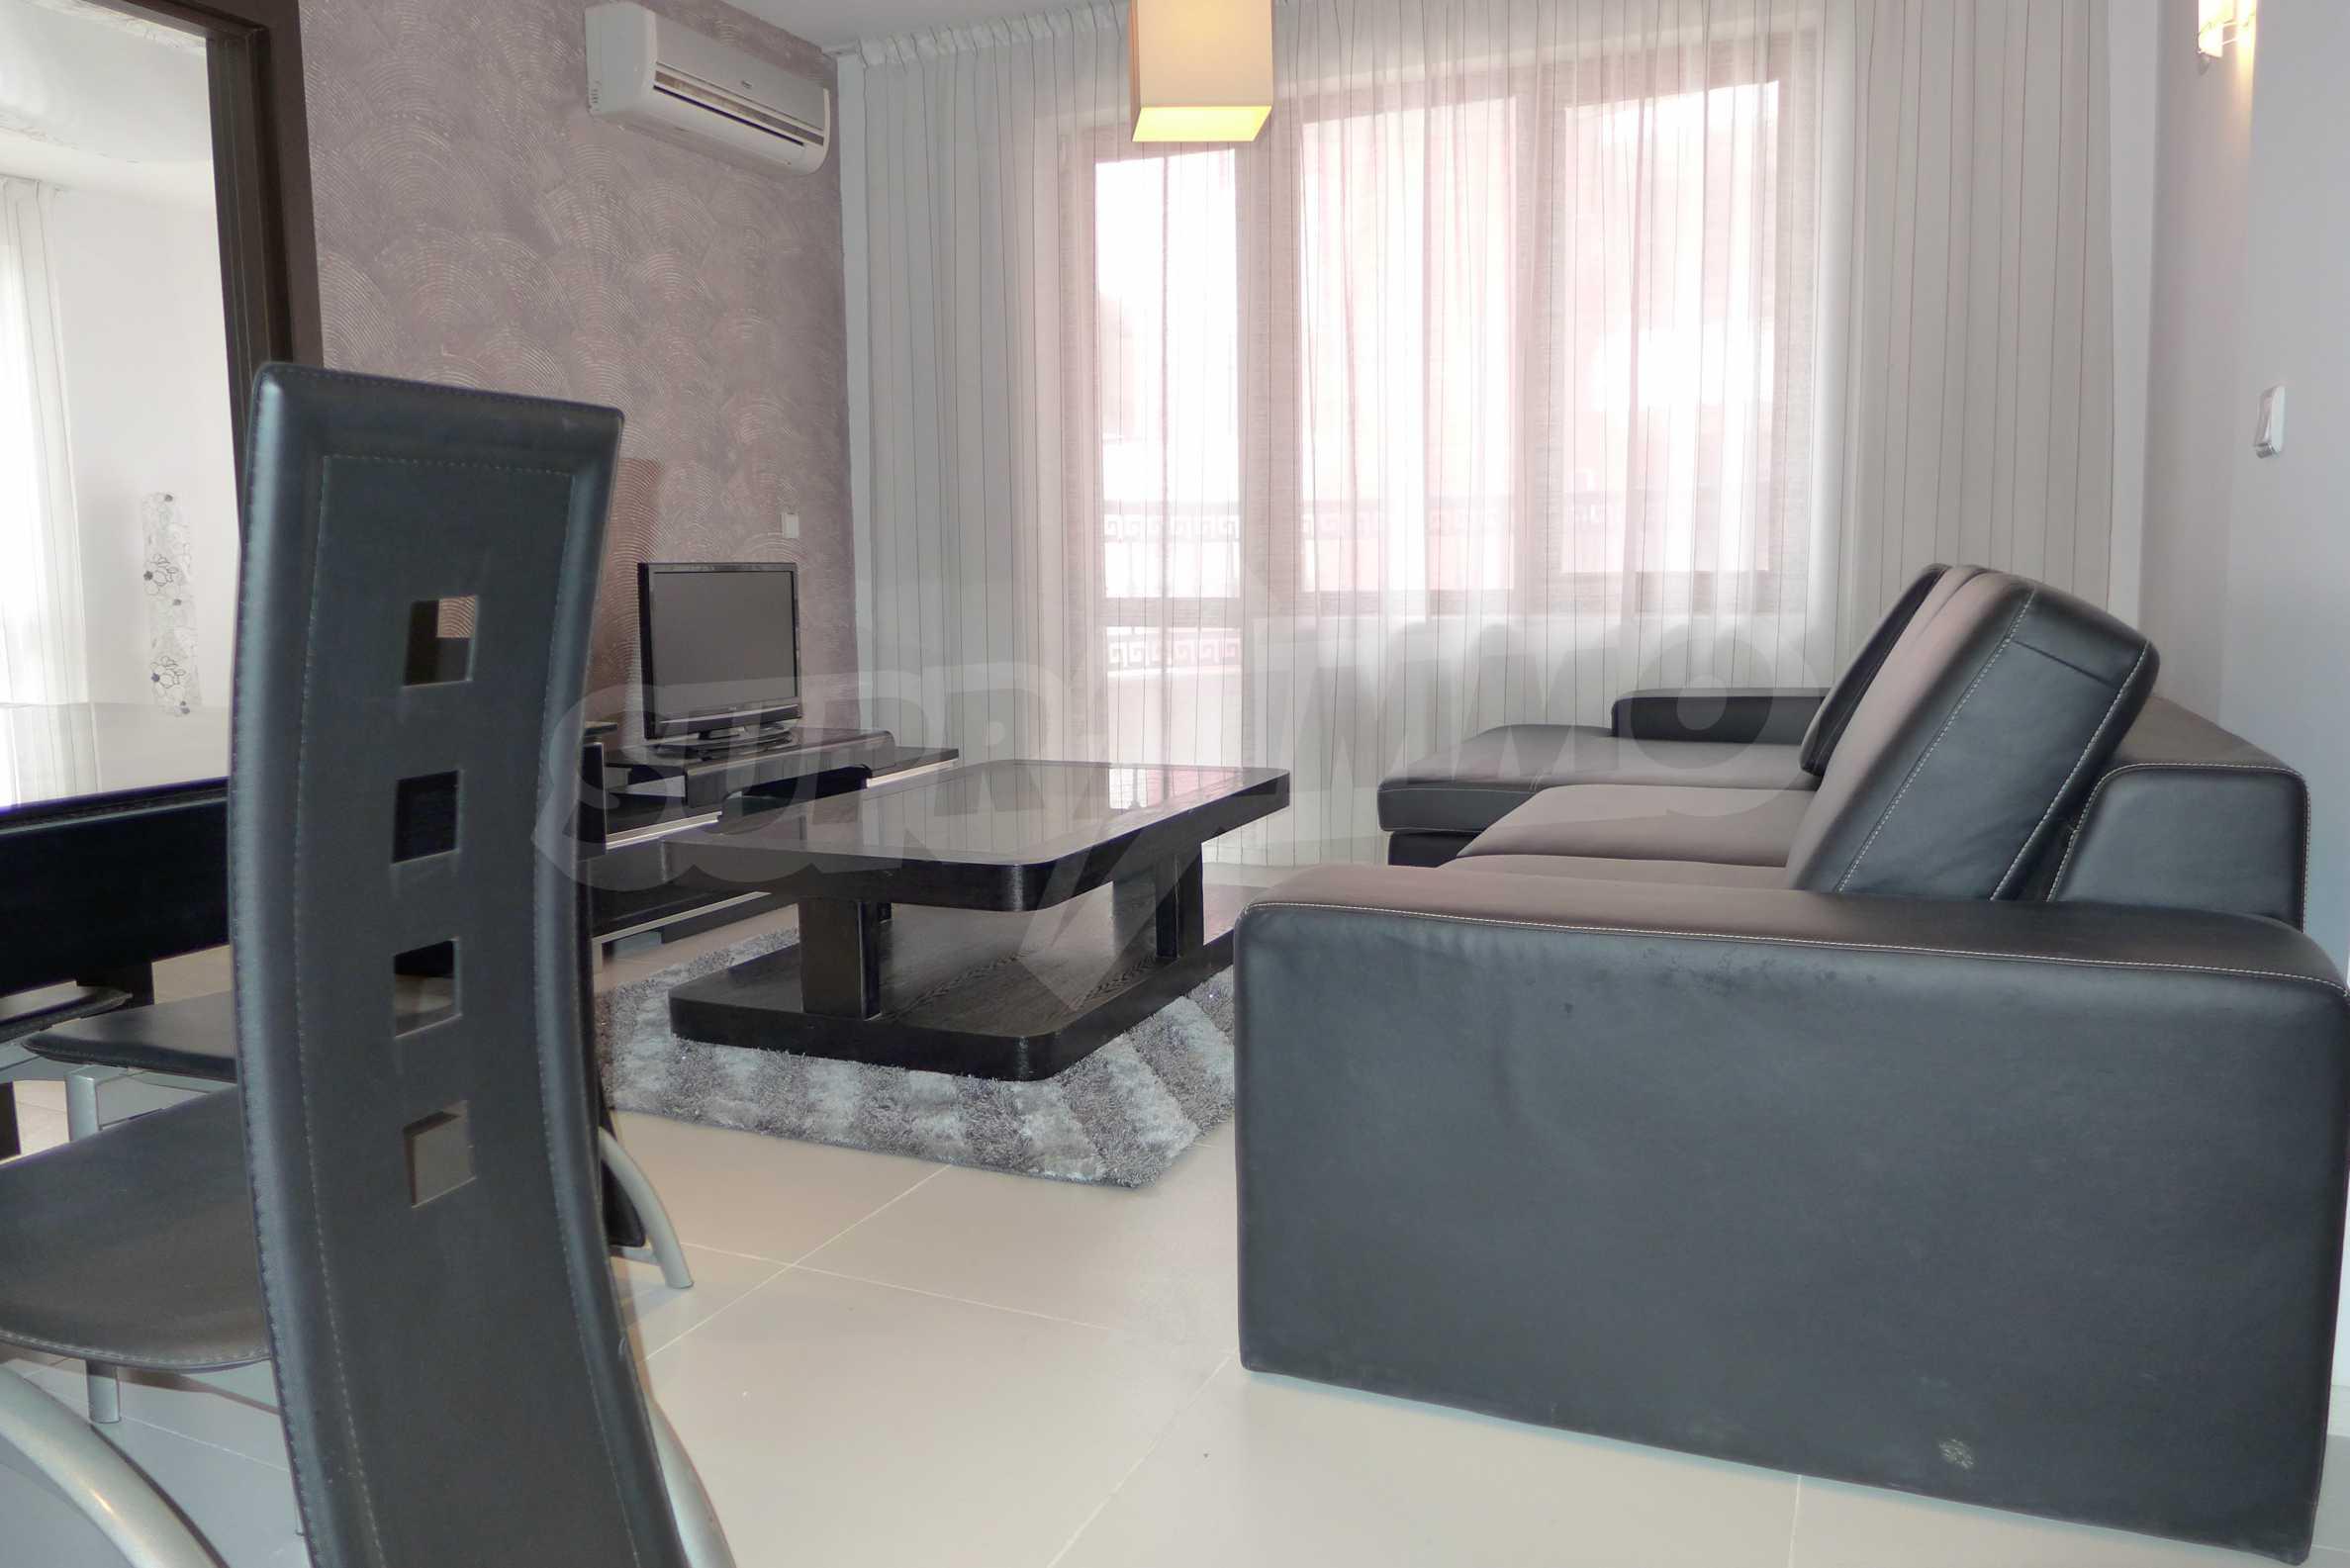 Apartment mit zwei Schlafzimmern in einem luxuriösen Aparthotel 11